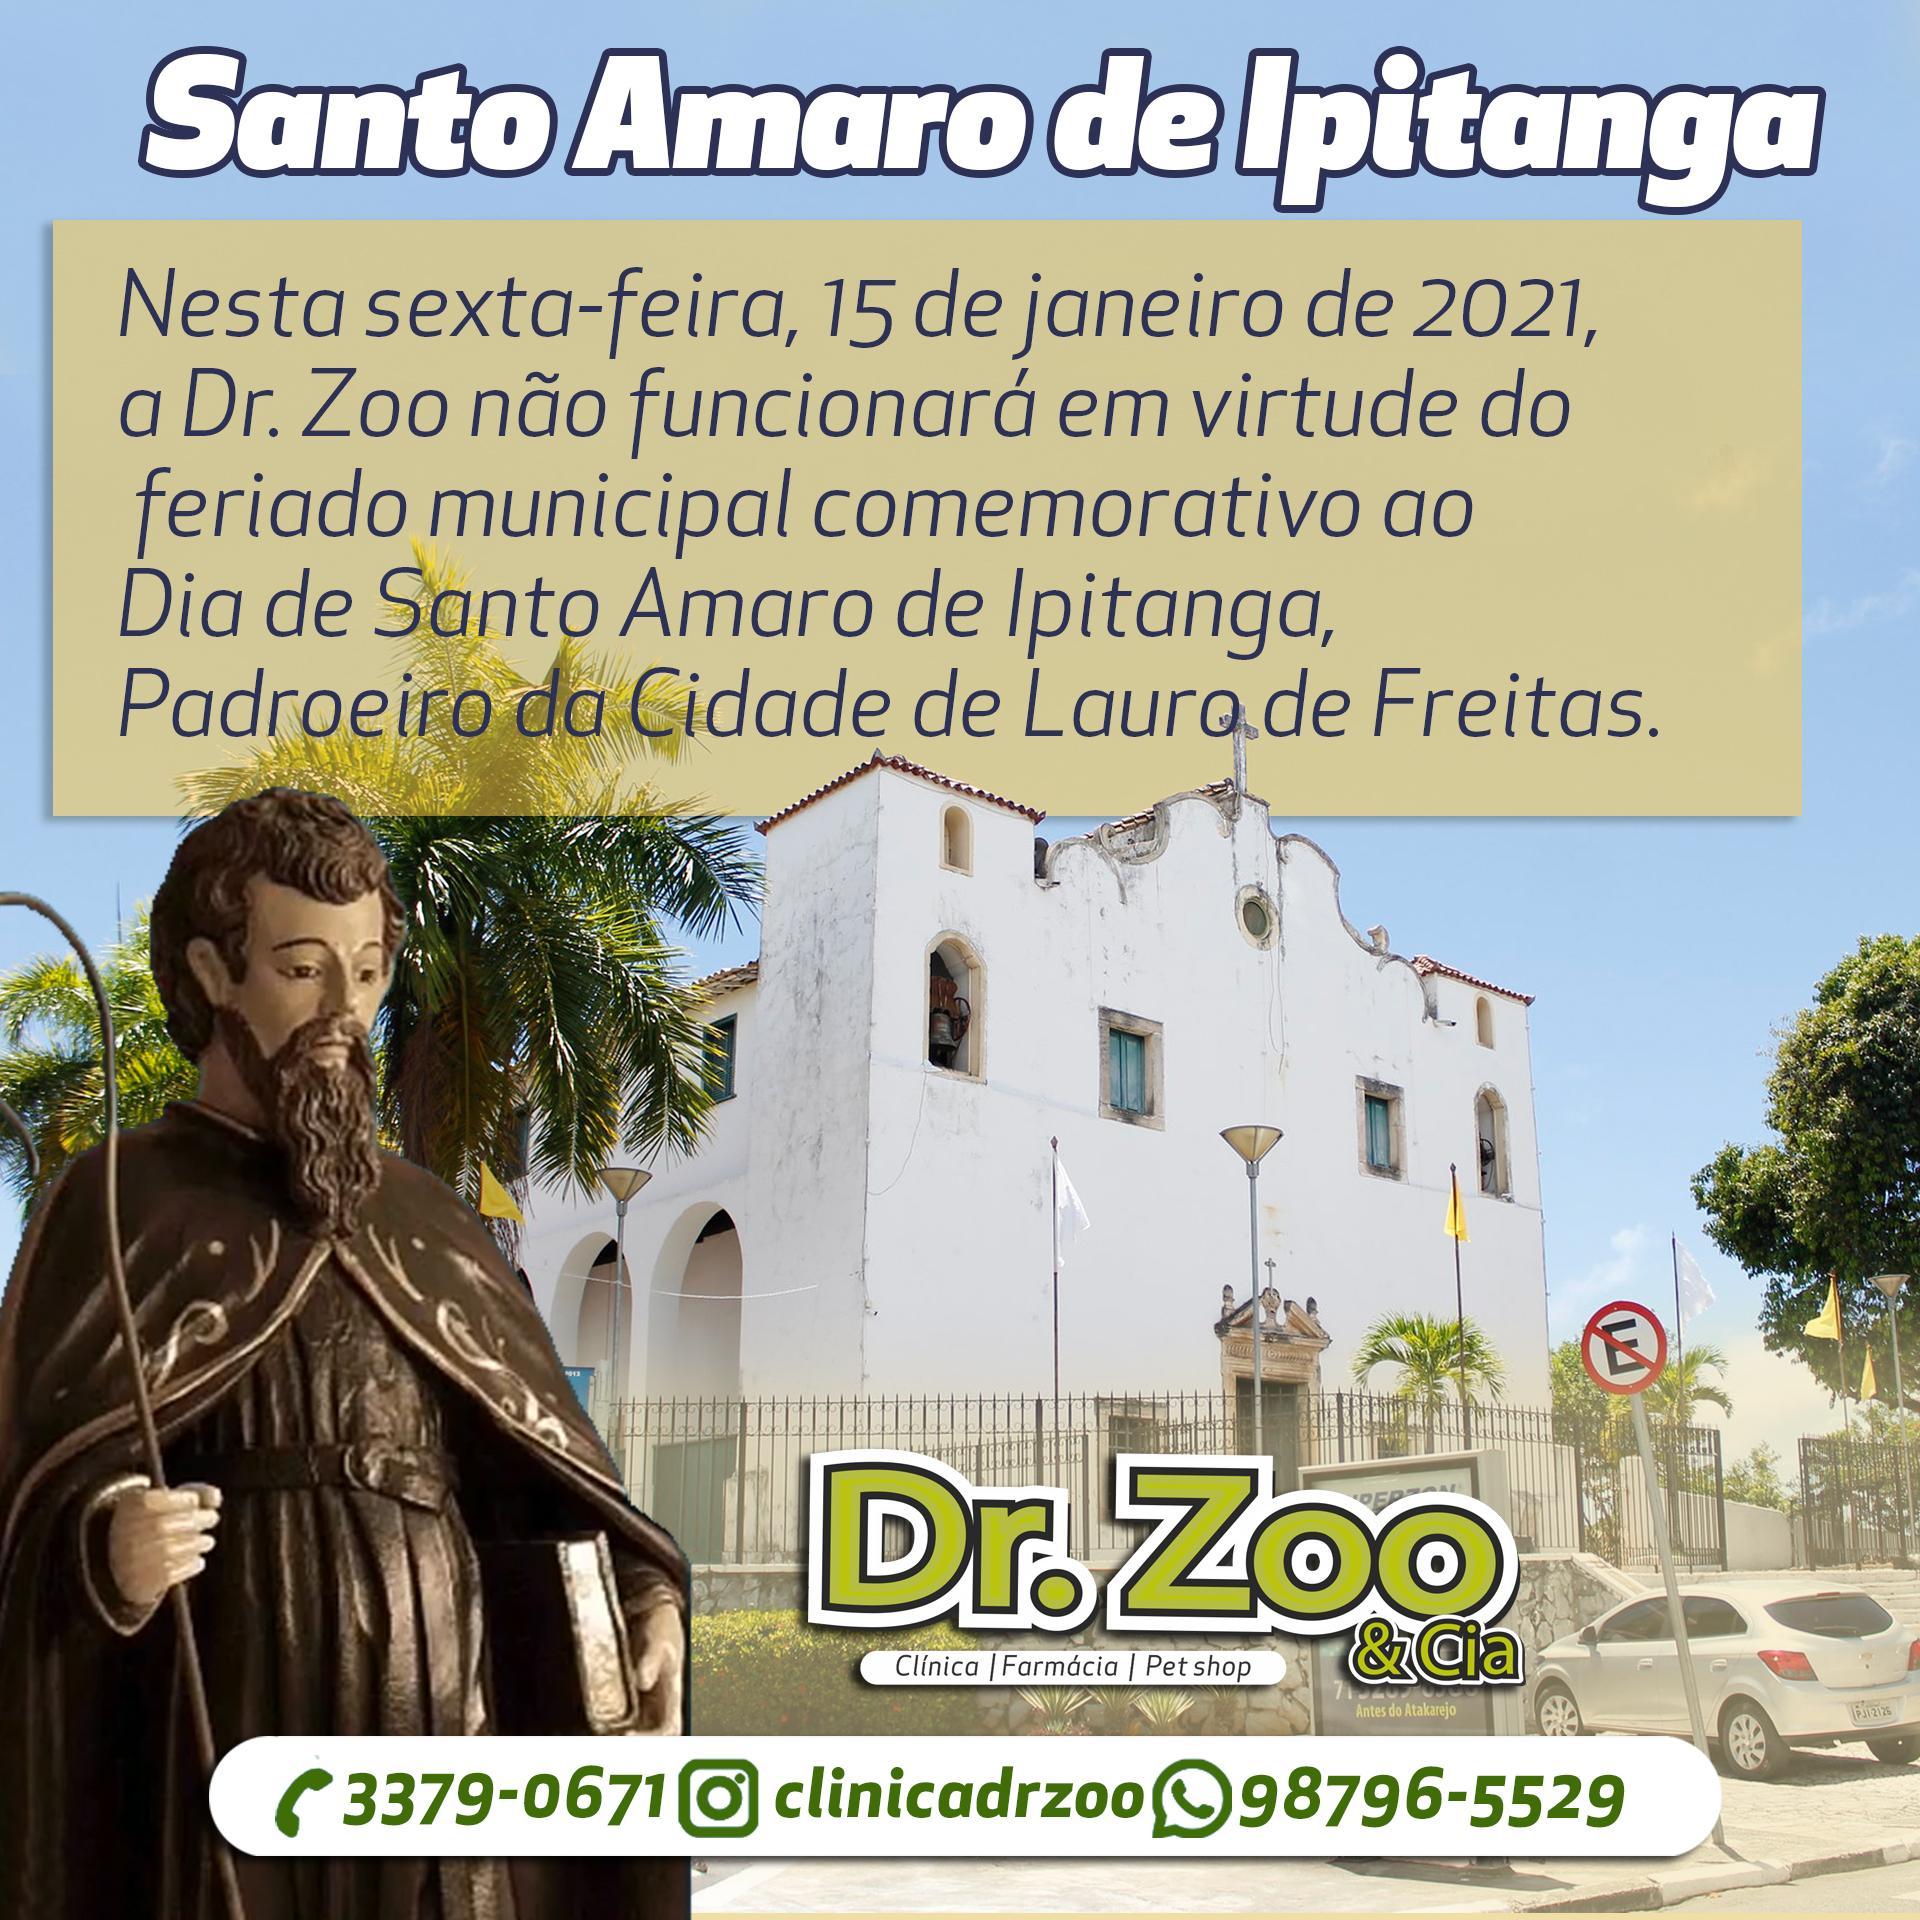 15 de janeiro - Dia de Santo Amaro de Ipitanga